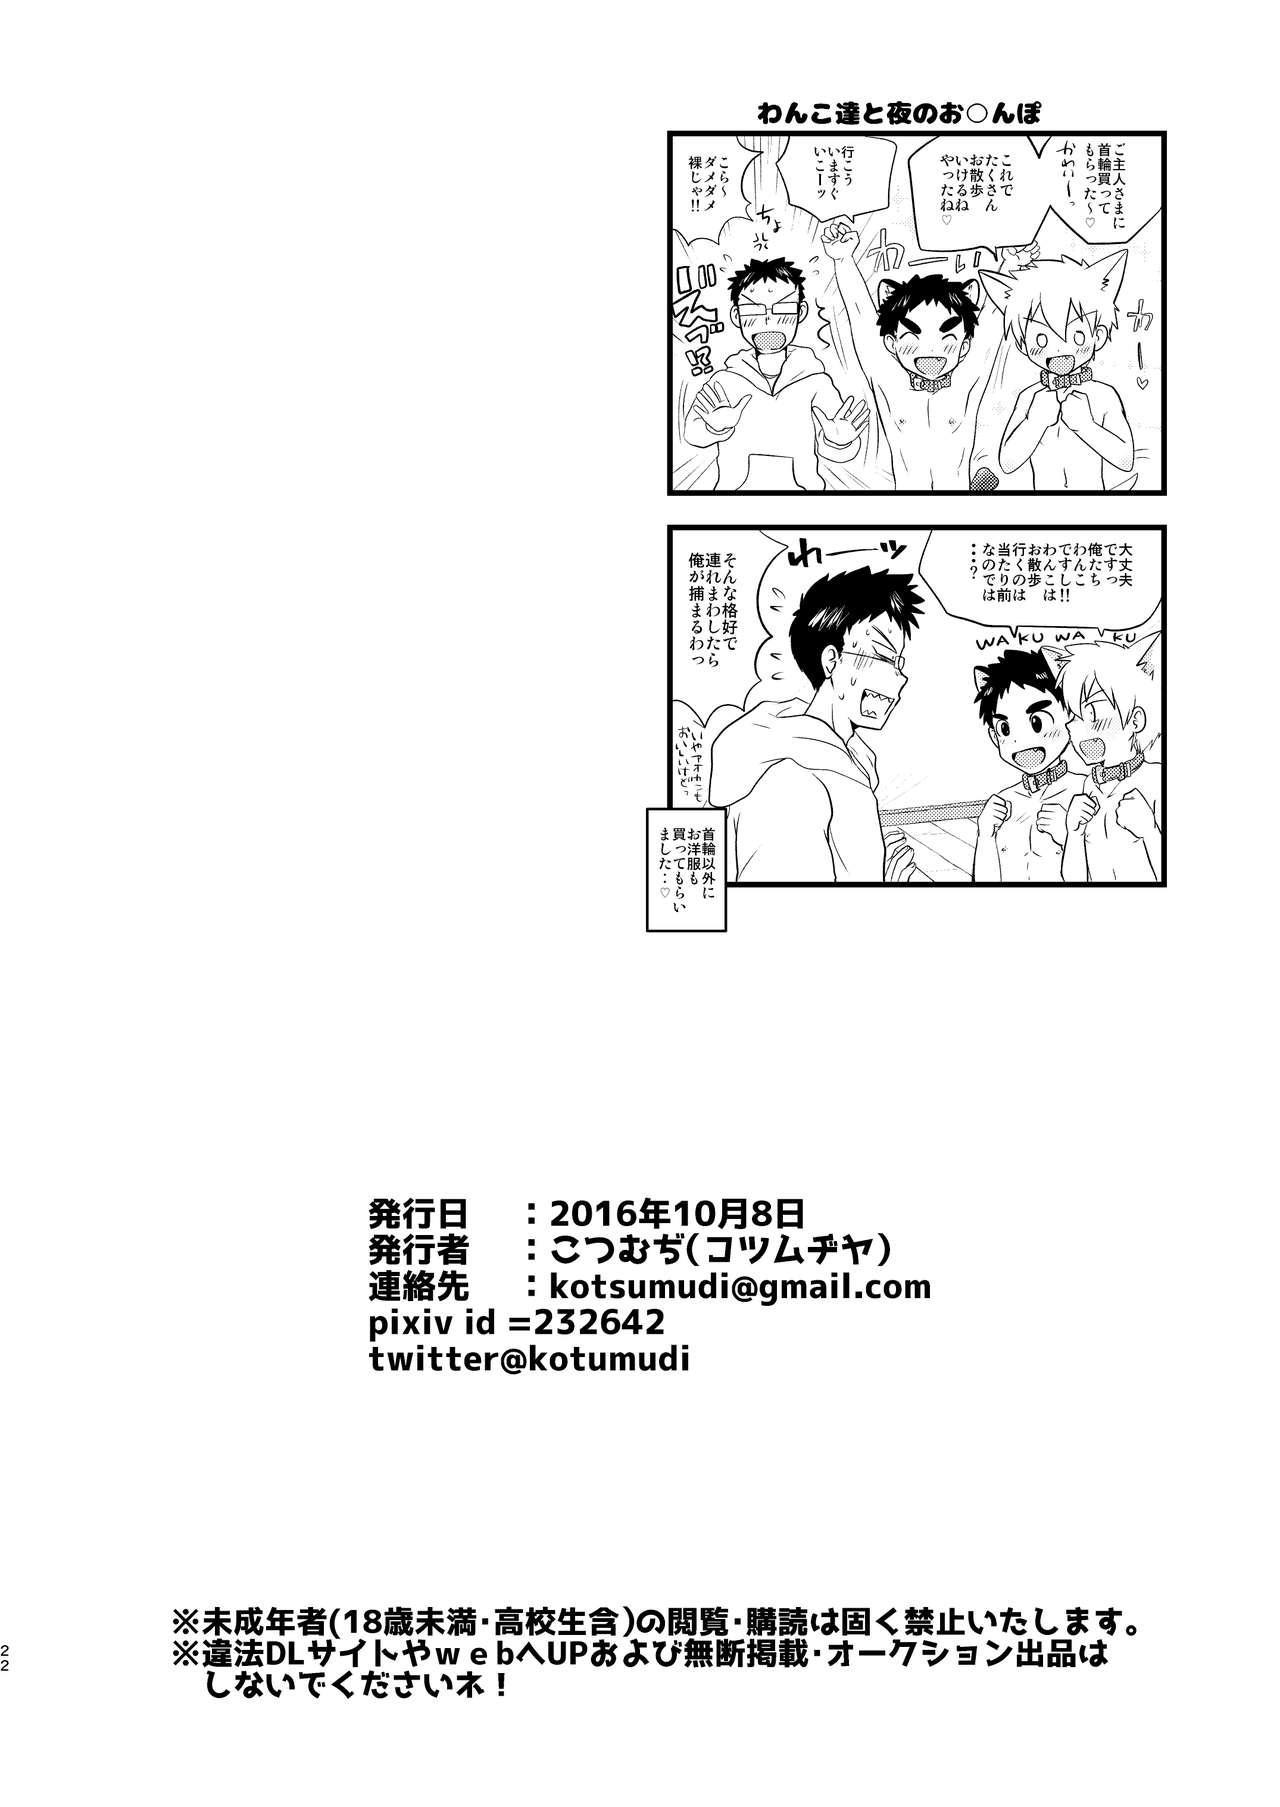 Wanko 2hiki ga iru Seikatsu! 21